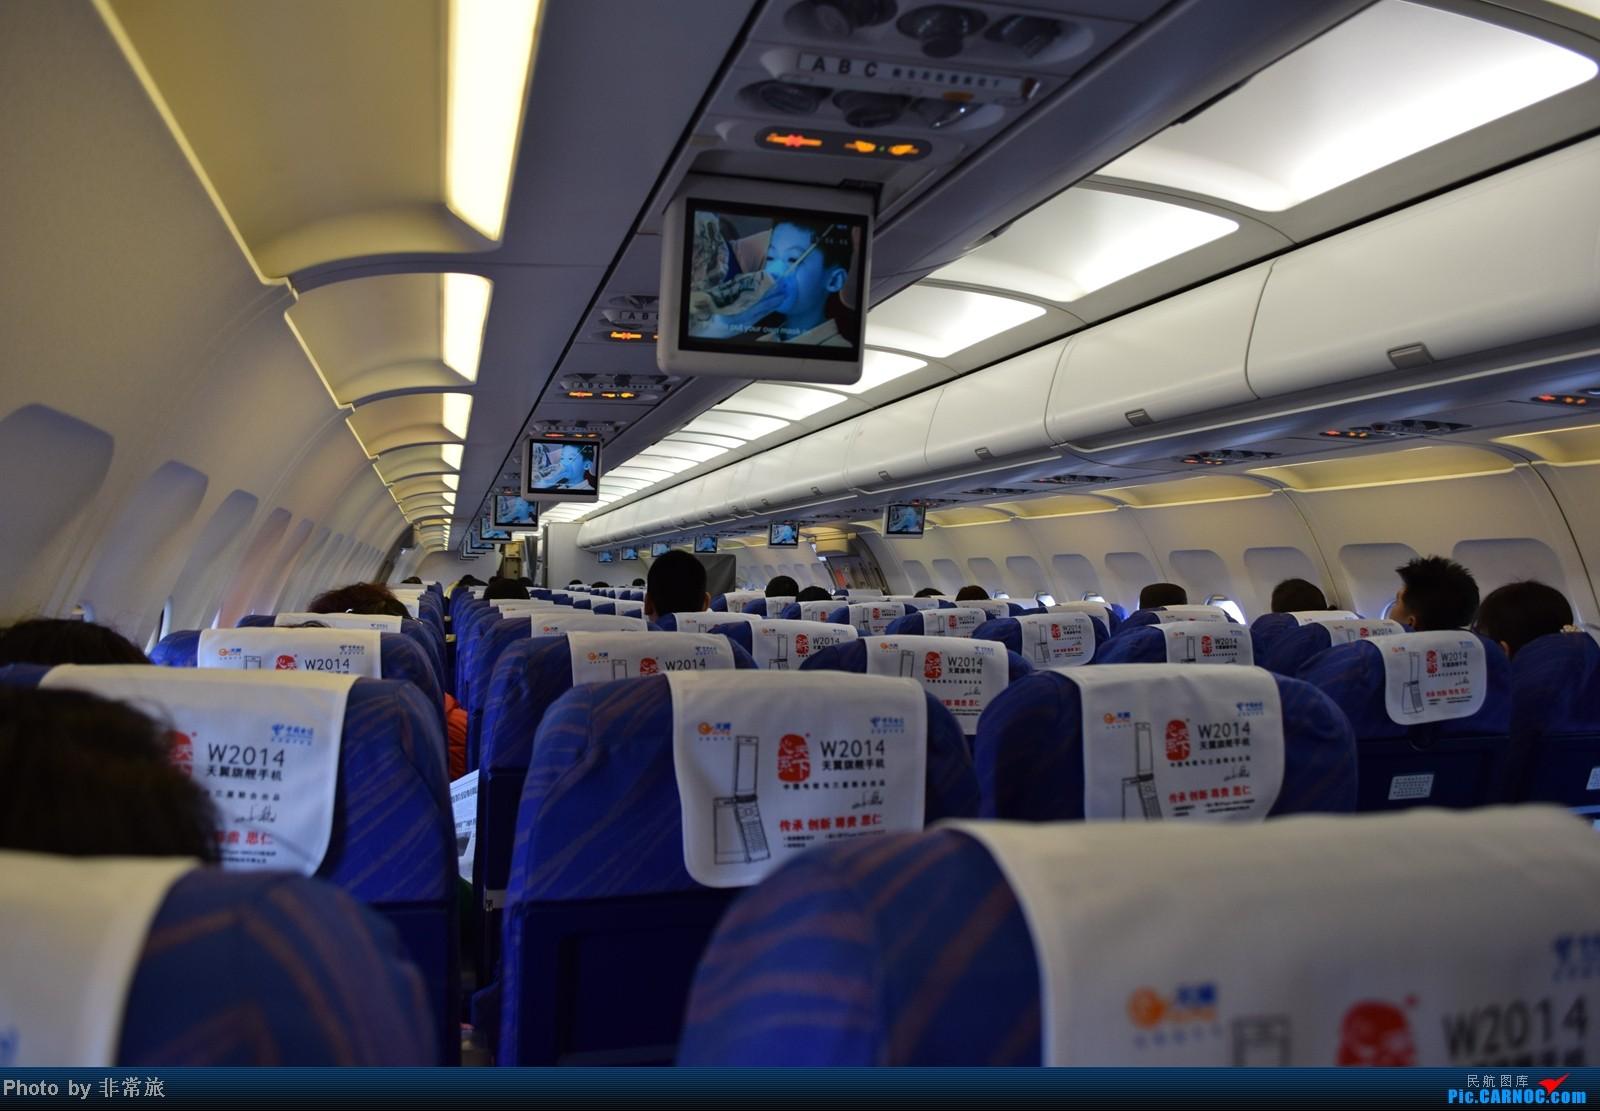 Re:[原创]大年三十除夕夜,三万英尺云霄间。 AIRBUS A321-200 B-2283 中国沈阳桃仙机场  机务